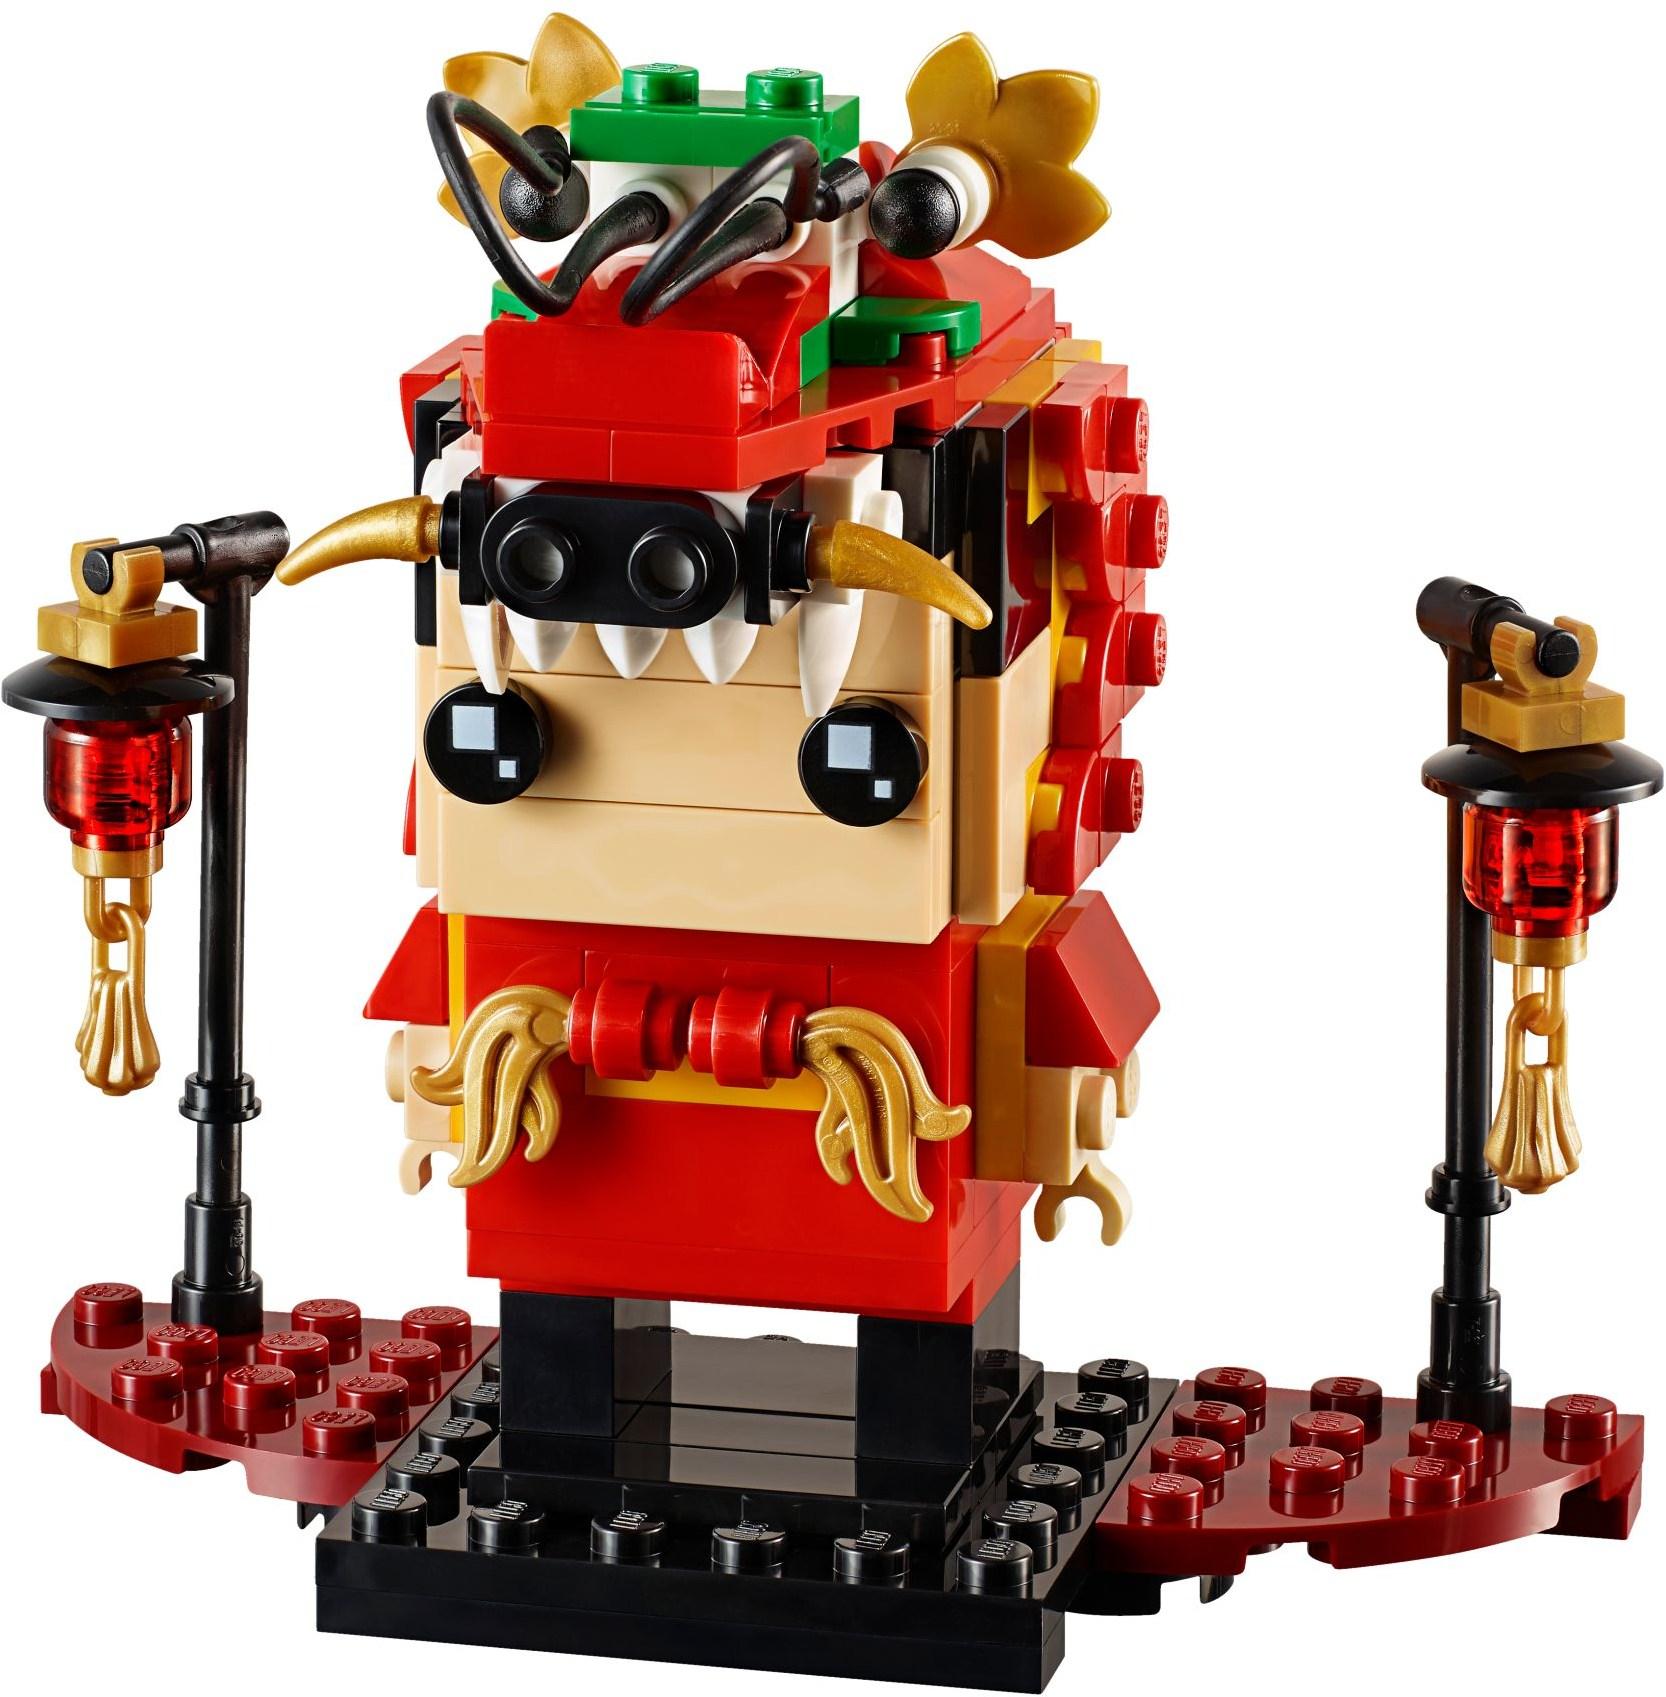 https://images.brickset.com/sets/large/40354-1.jpg?201812041022